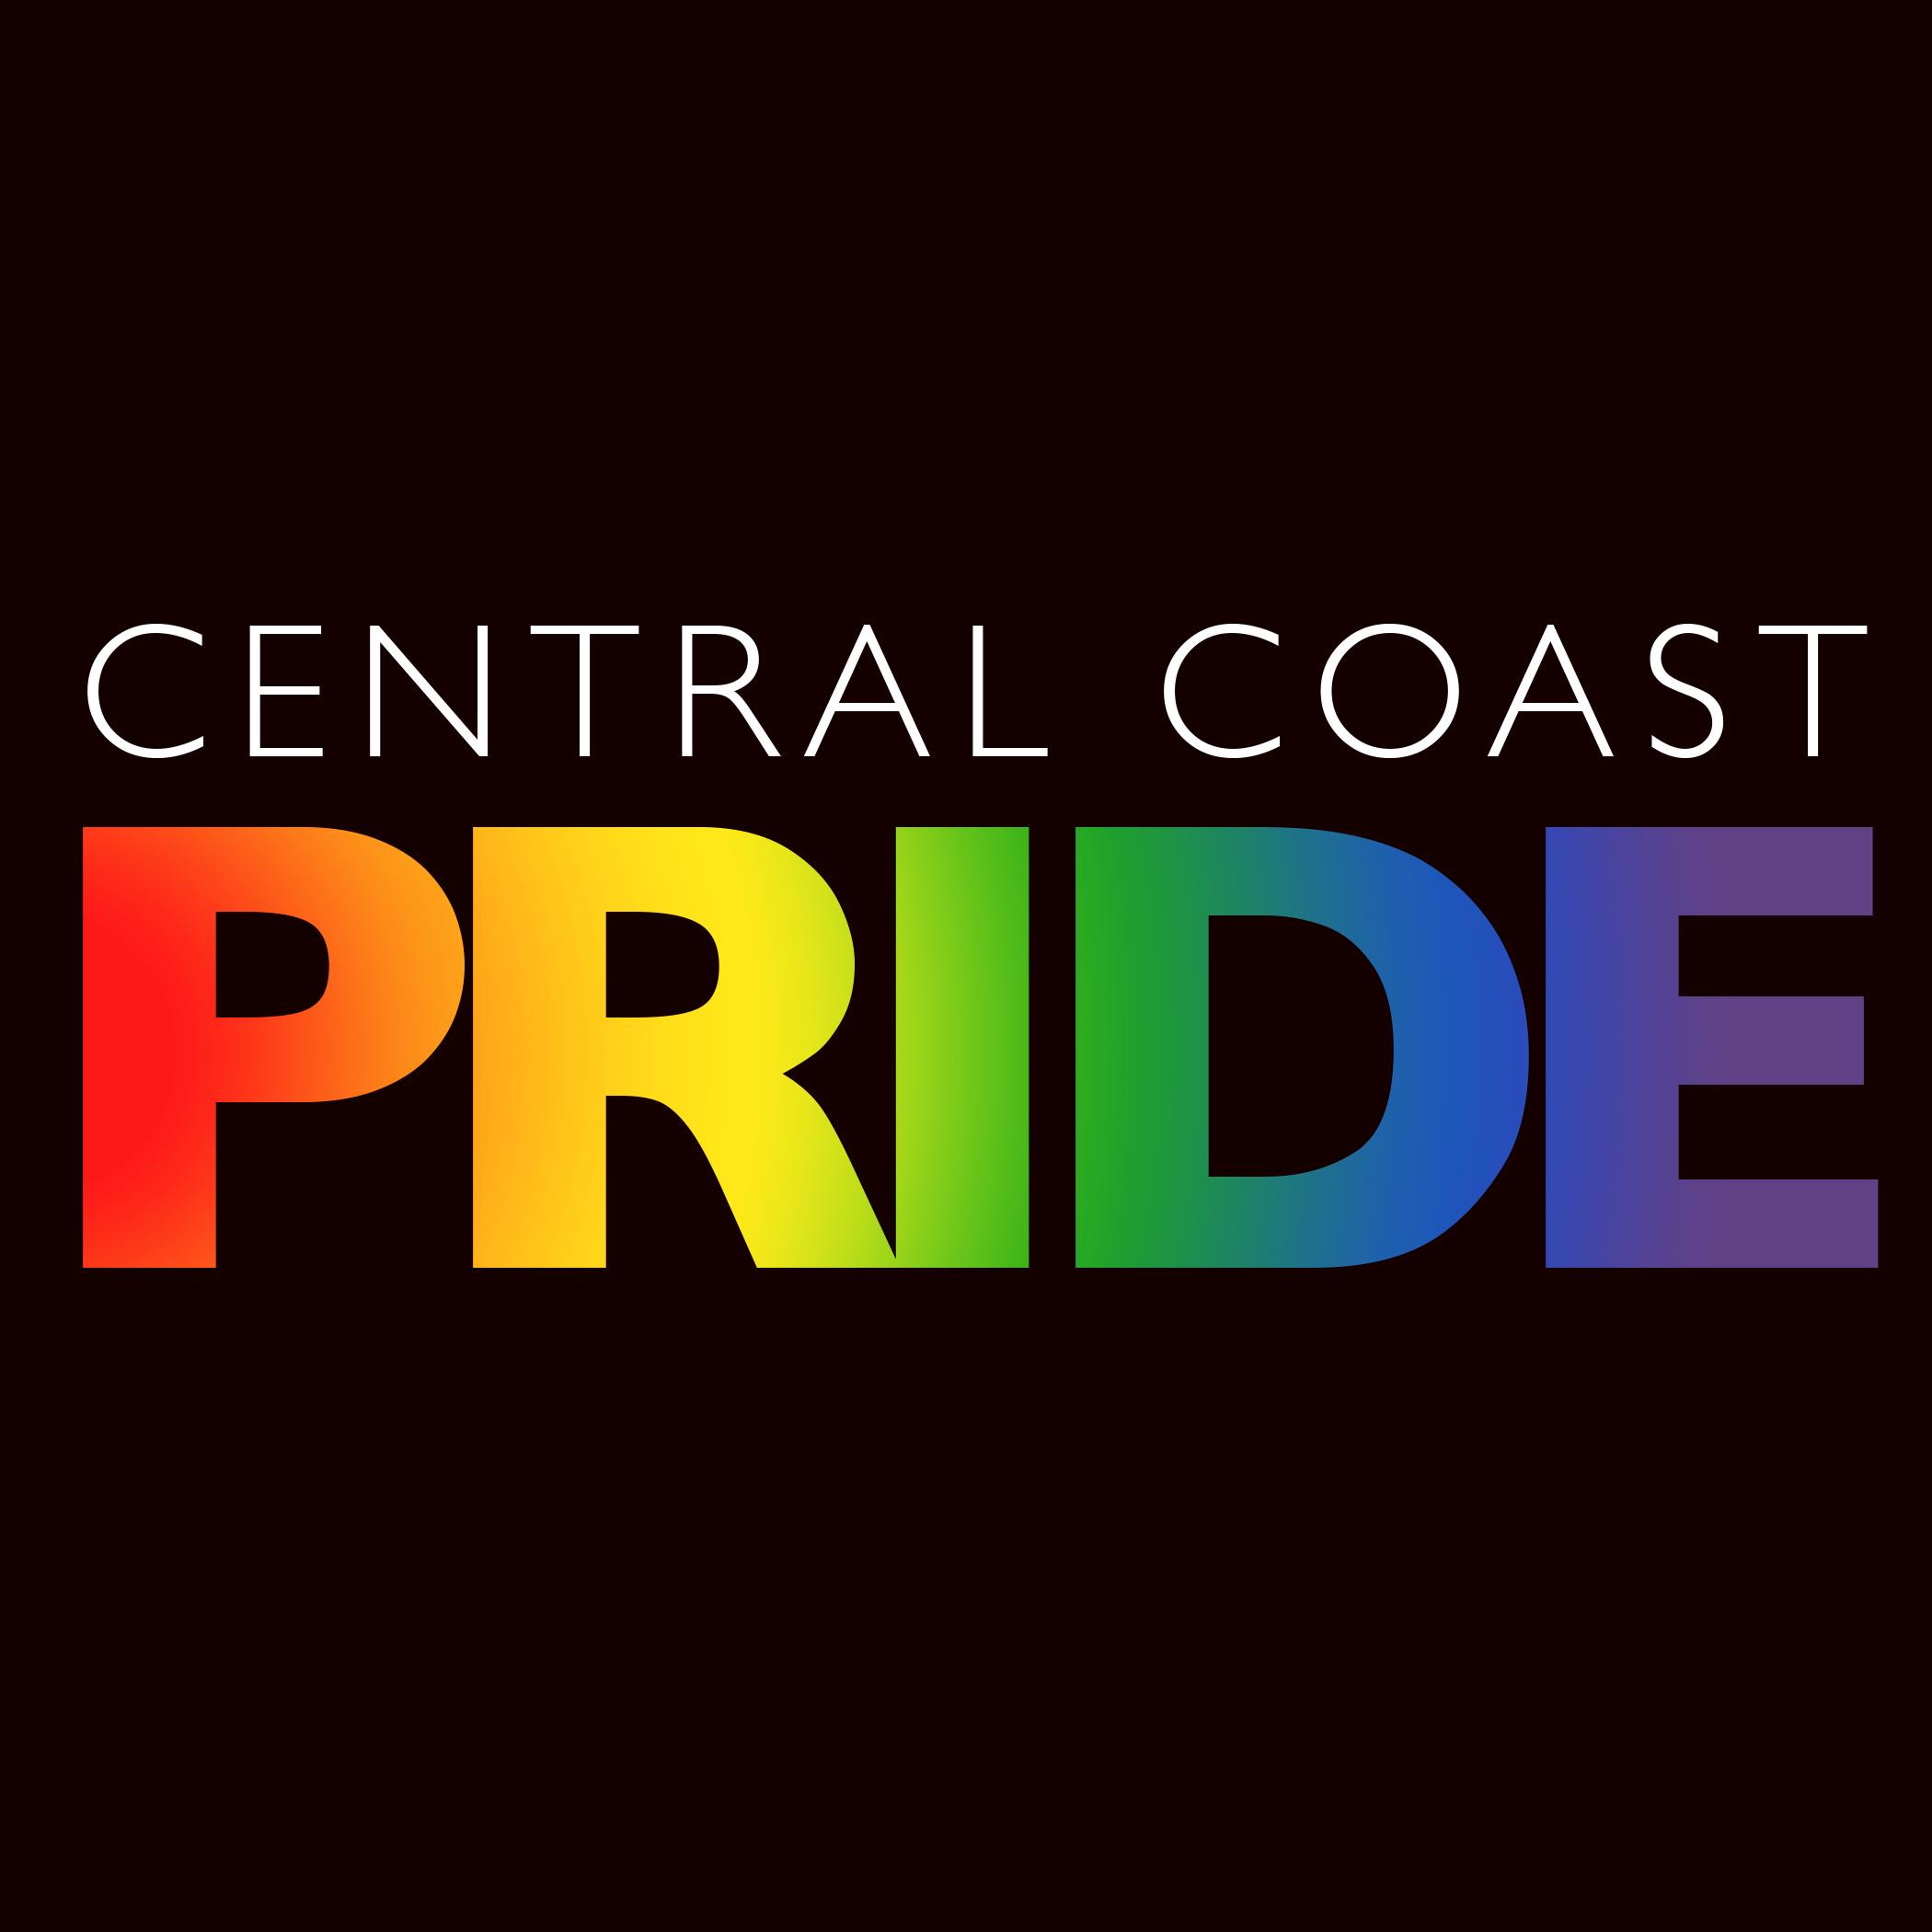 Central Coast Pride